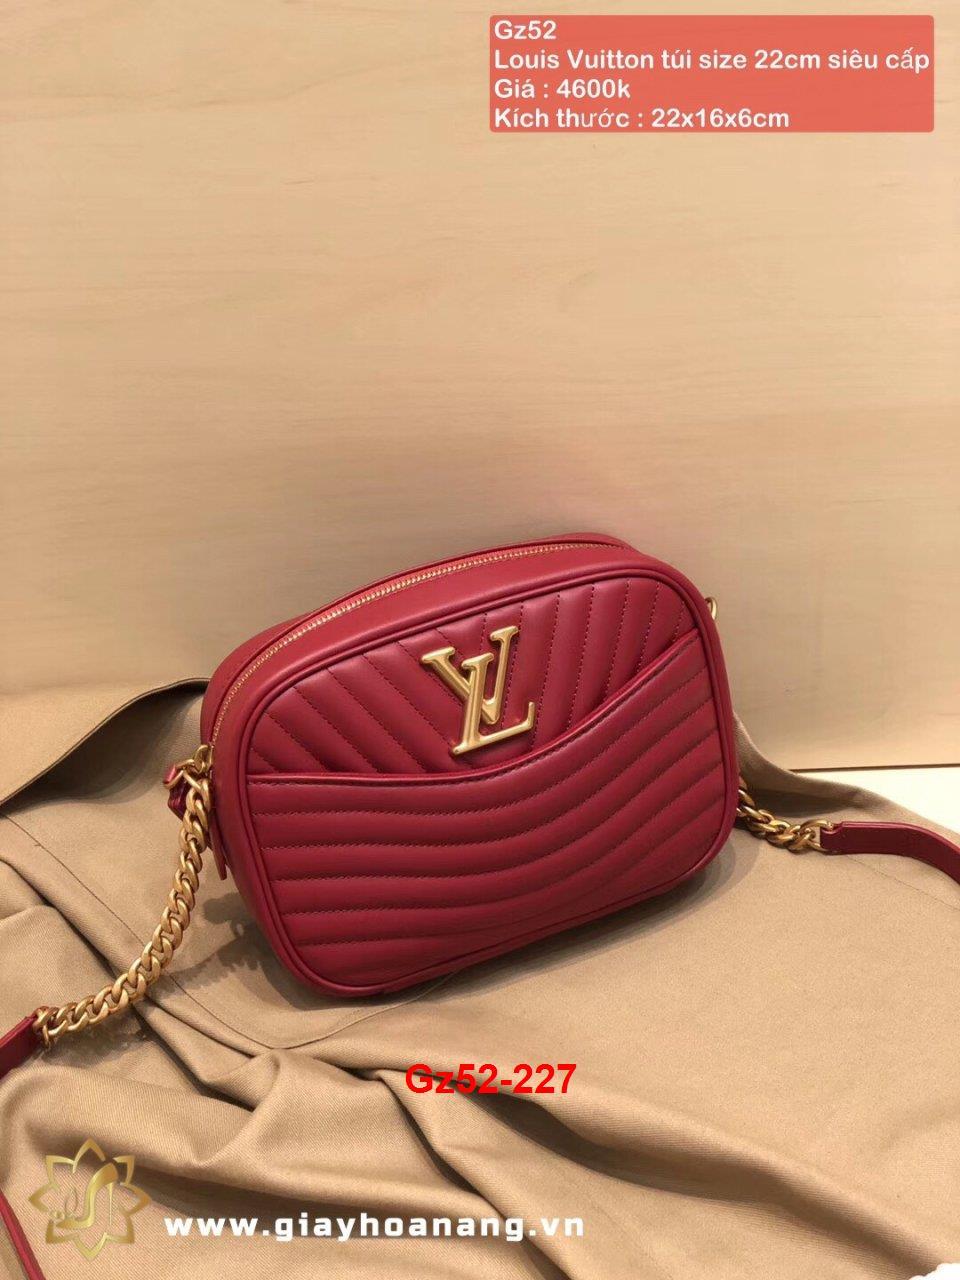 Gz52-227 Louis Vuitton túi size 22cm siêu cấp